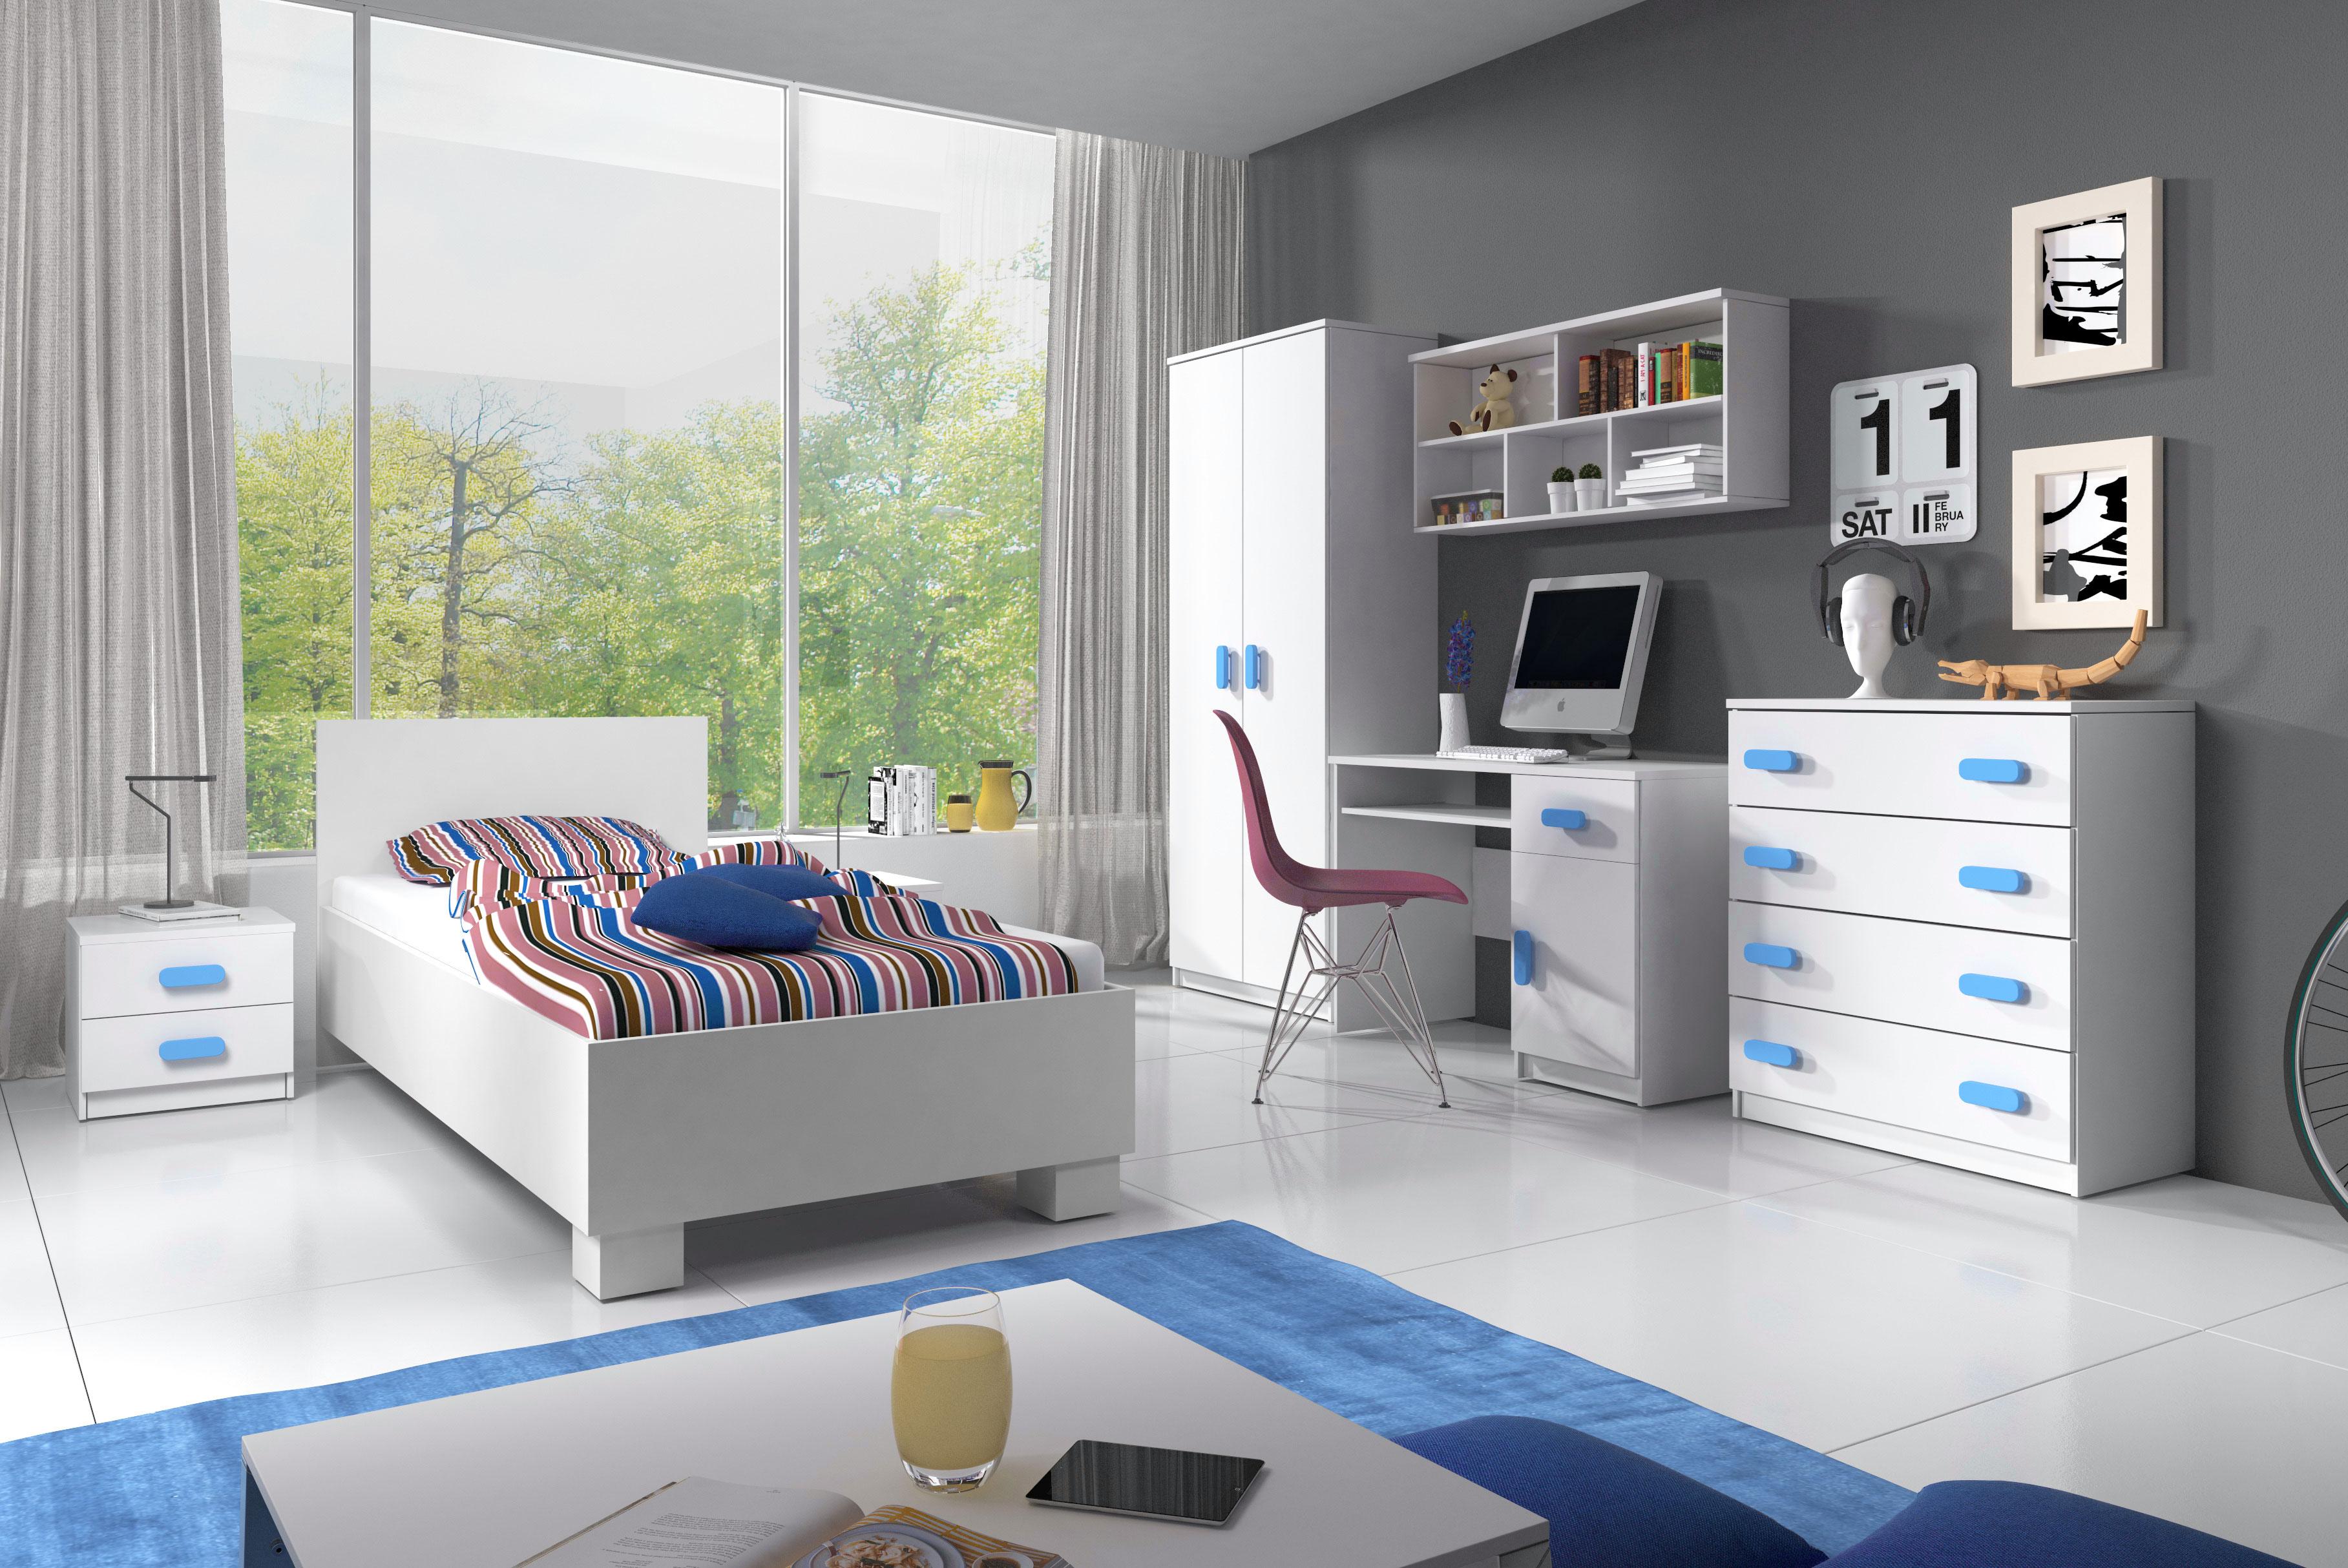 Chambre enfant contemporaine coloris blanc/bleu Myke   Matelpro